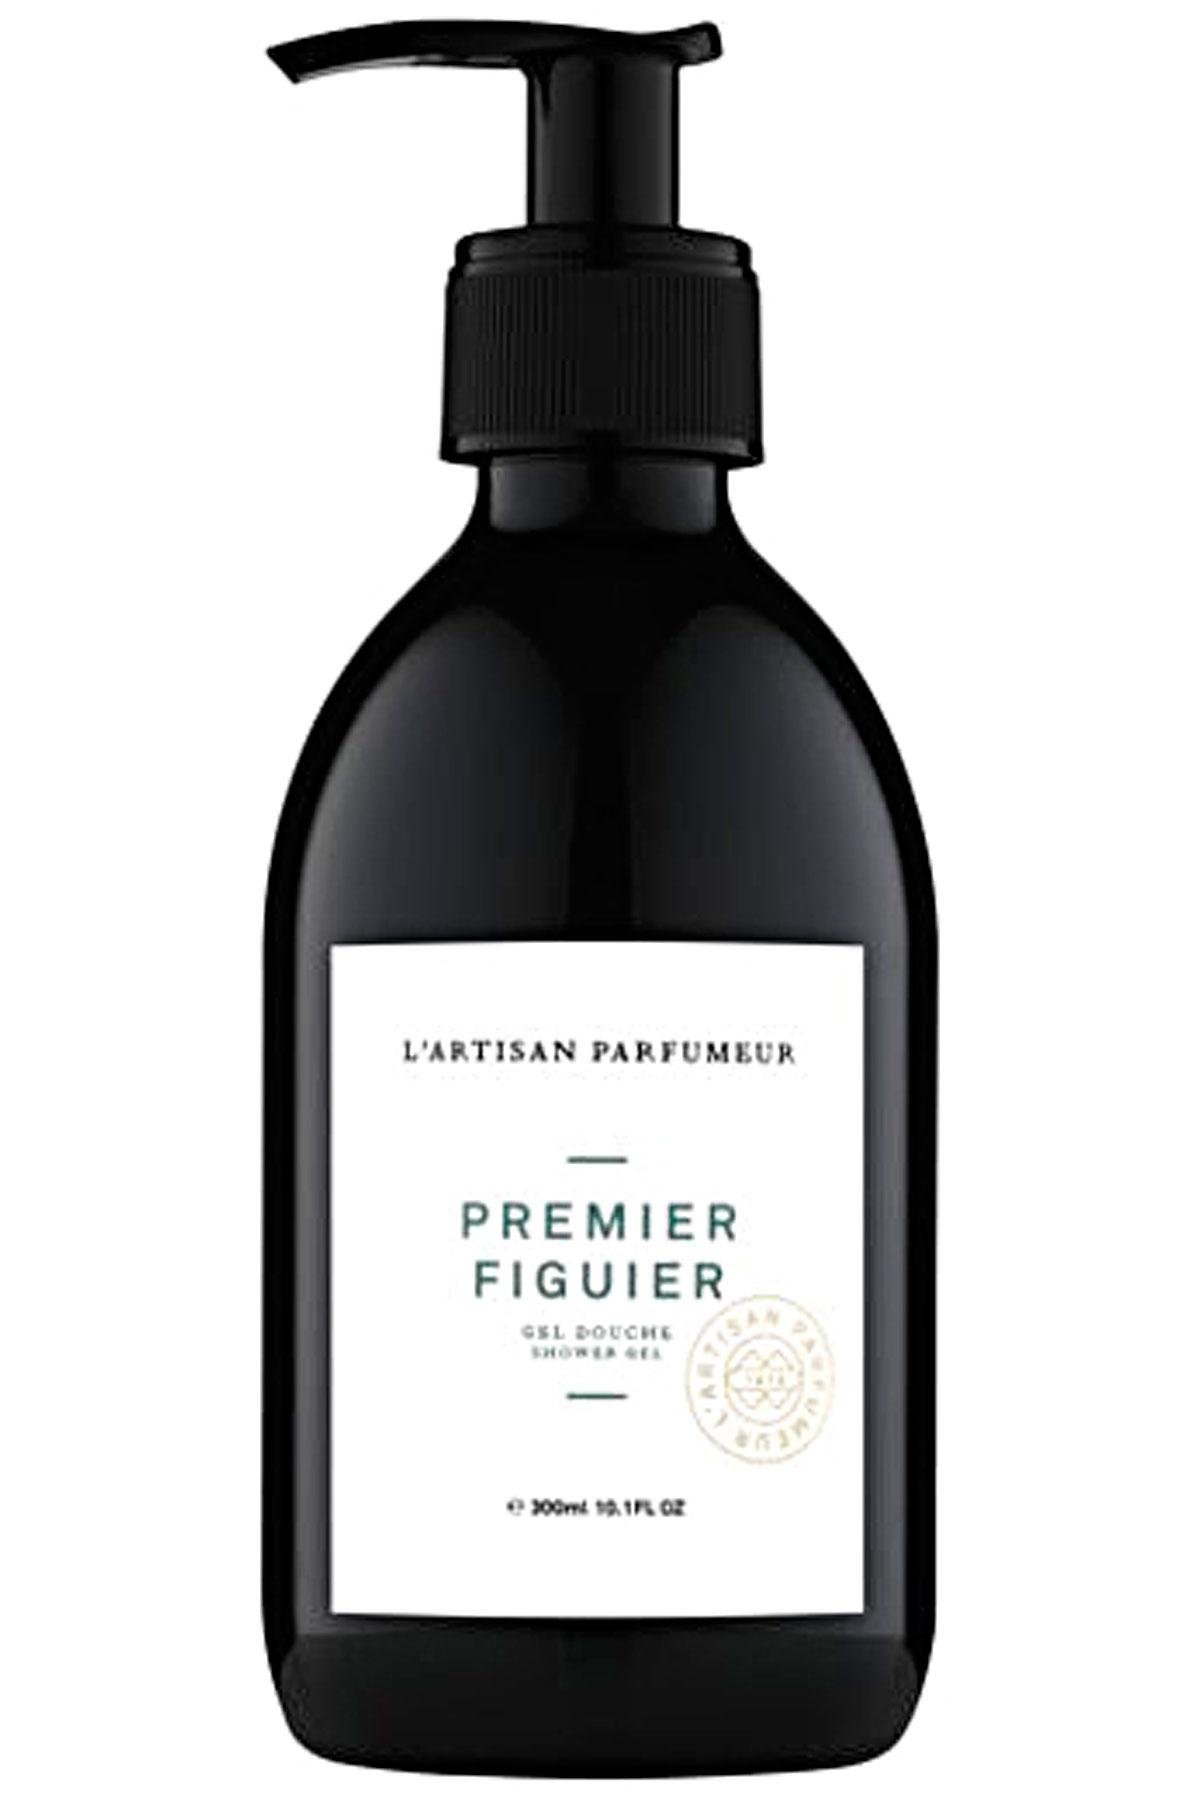 Artisan Parfumeur Beauty for Women On Sale, Premier Figuier - Shower Gel - 300 Ml, 2019, 300 ml